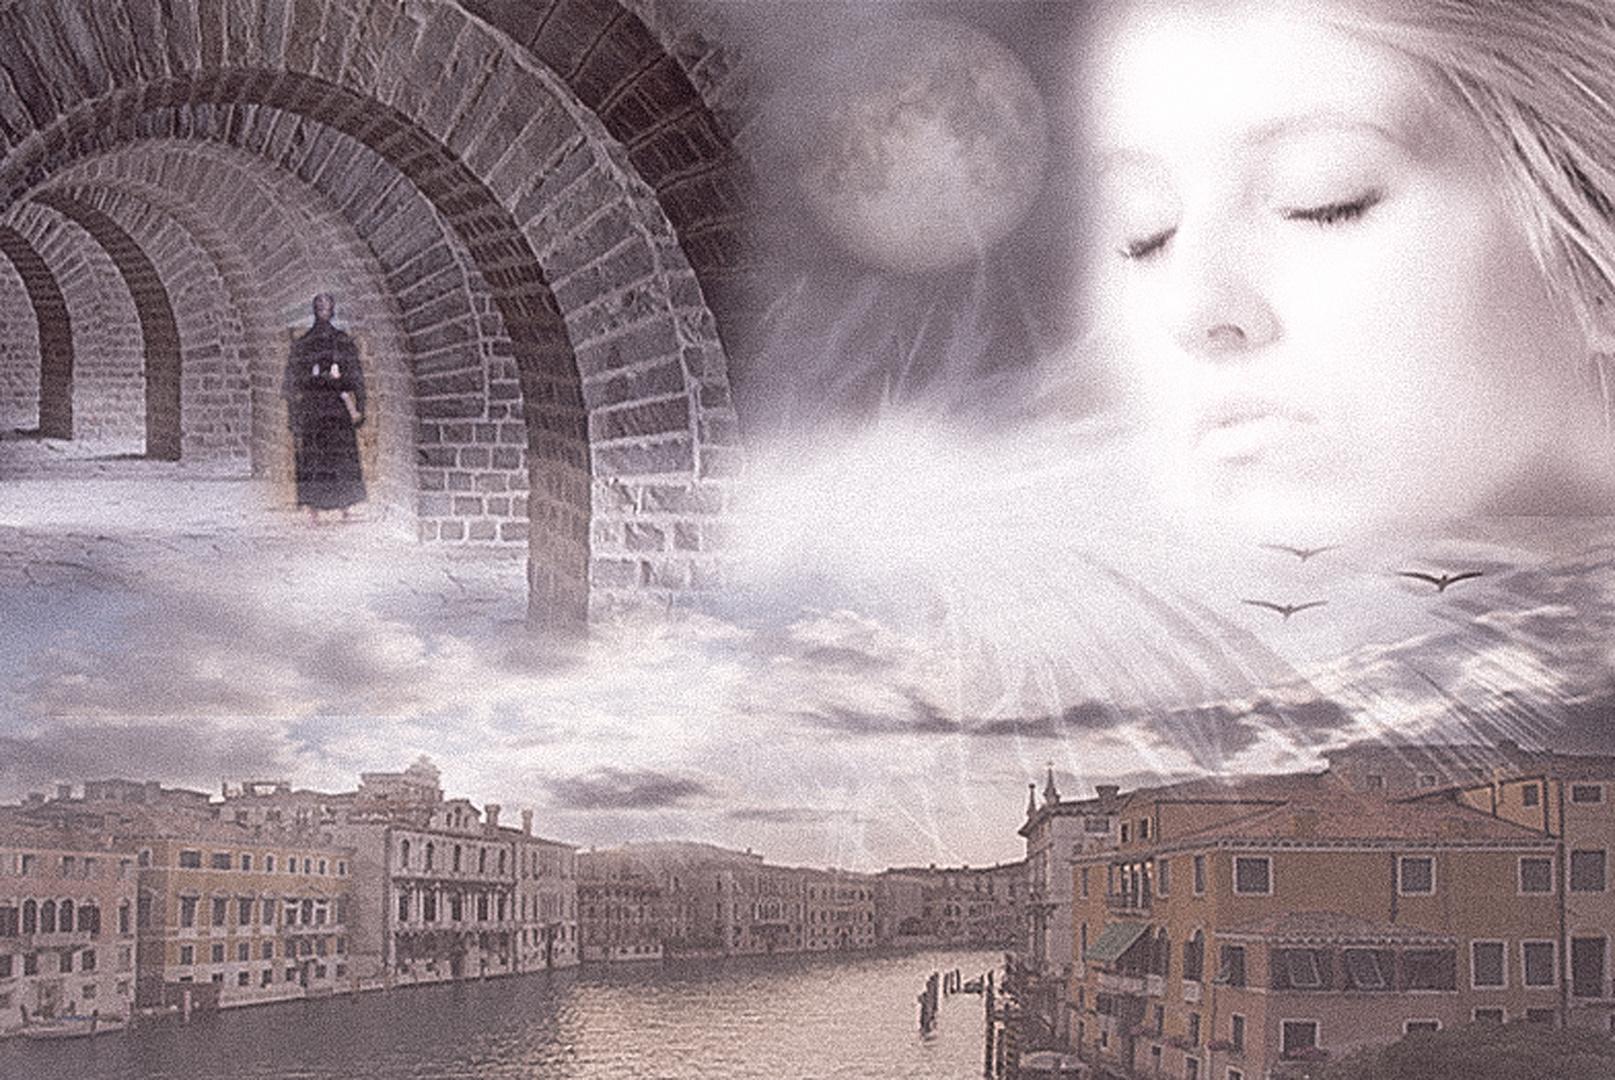 Infinitas-Engel des Zwielichts